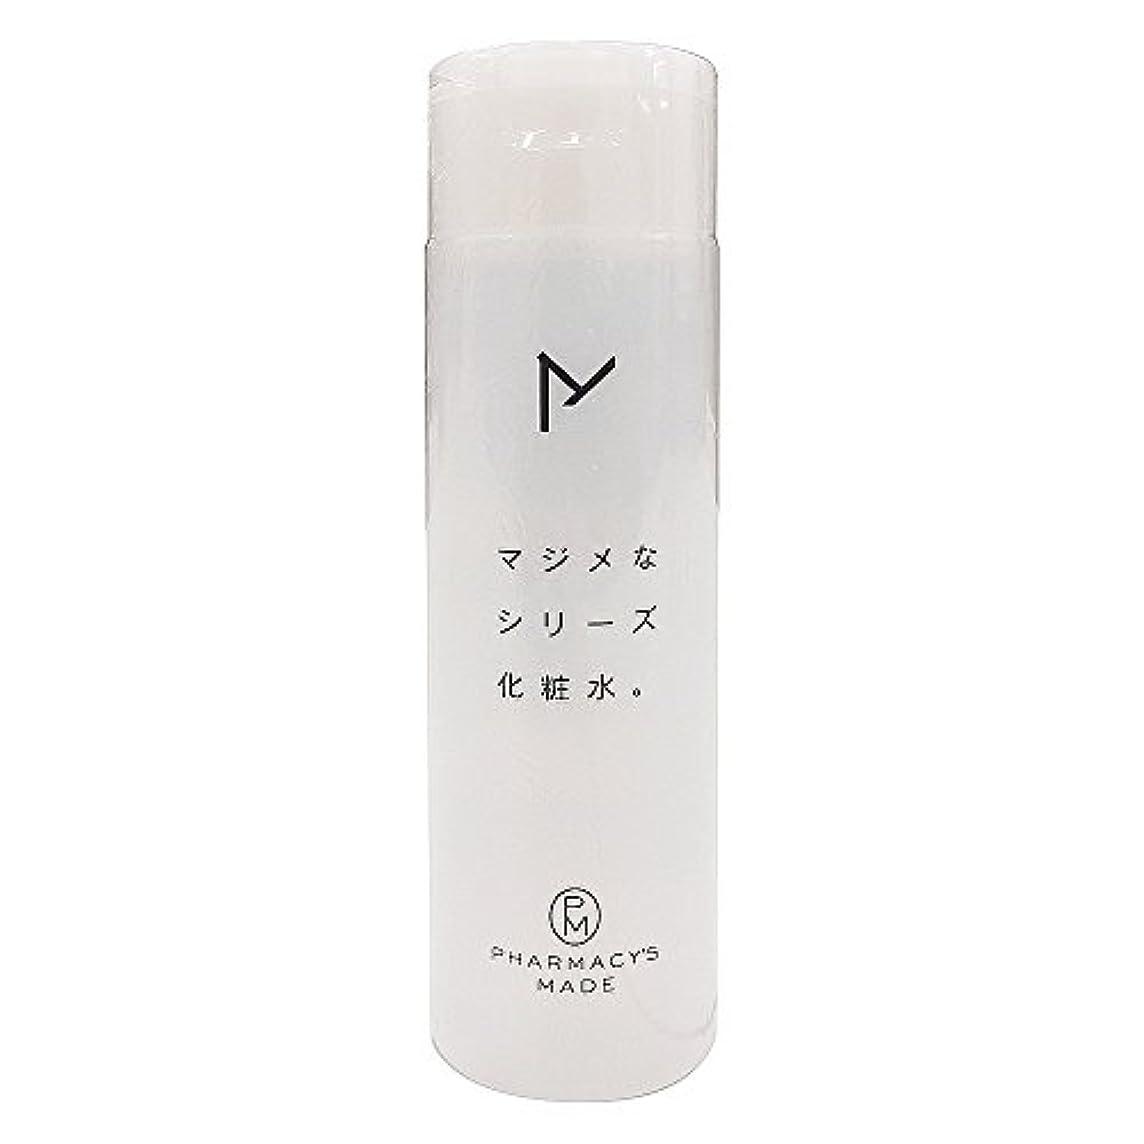 間支払う放射する水橋保寿堂製薬 マジメなシリーズ化粧水。 200ml